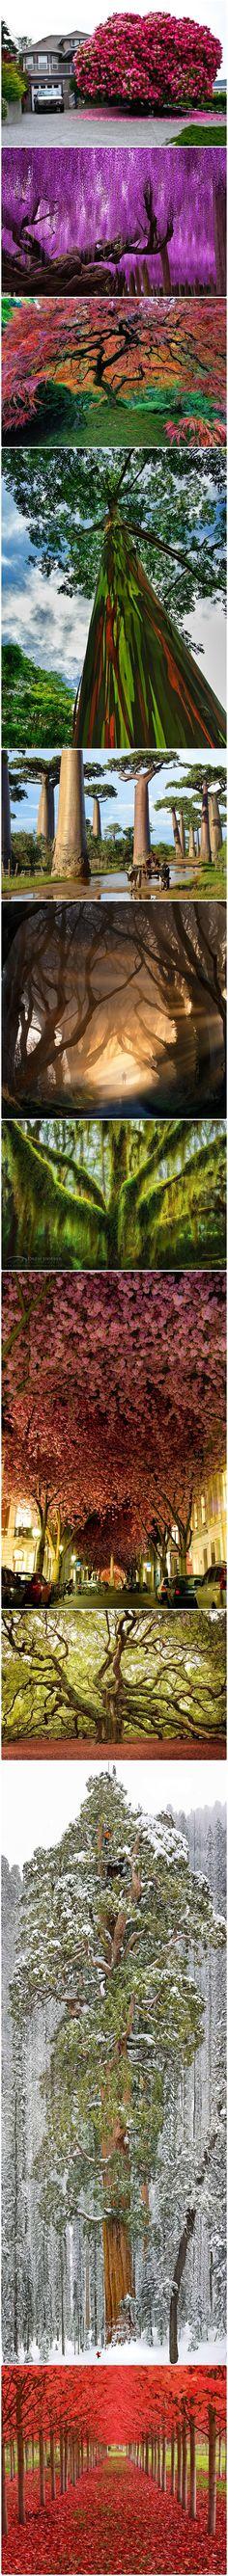 杜鵑花-加拿大 老紫藤-日本 日本楓樹-俄勒岡州波特蘭 南極山毛櫸披著掛莫斯在俄勒岡州 櫻花樹在德國波恩 天使橡樹在約翰島在南卡羅來納州  第三大巨型紅杉樹在世界上,美國加州  槭樹隧道在俄勒岡州 彩虹桉樹在夏威夷考艾島 猴麵包樹,馬達加斯加 黑暗樹籬在北愛爾蘭